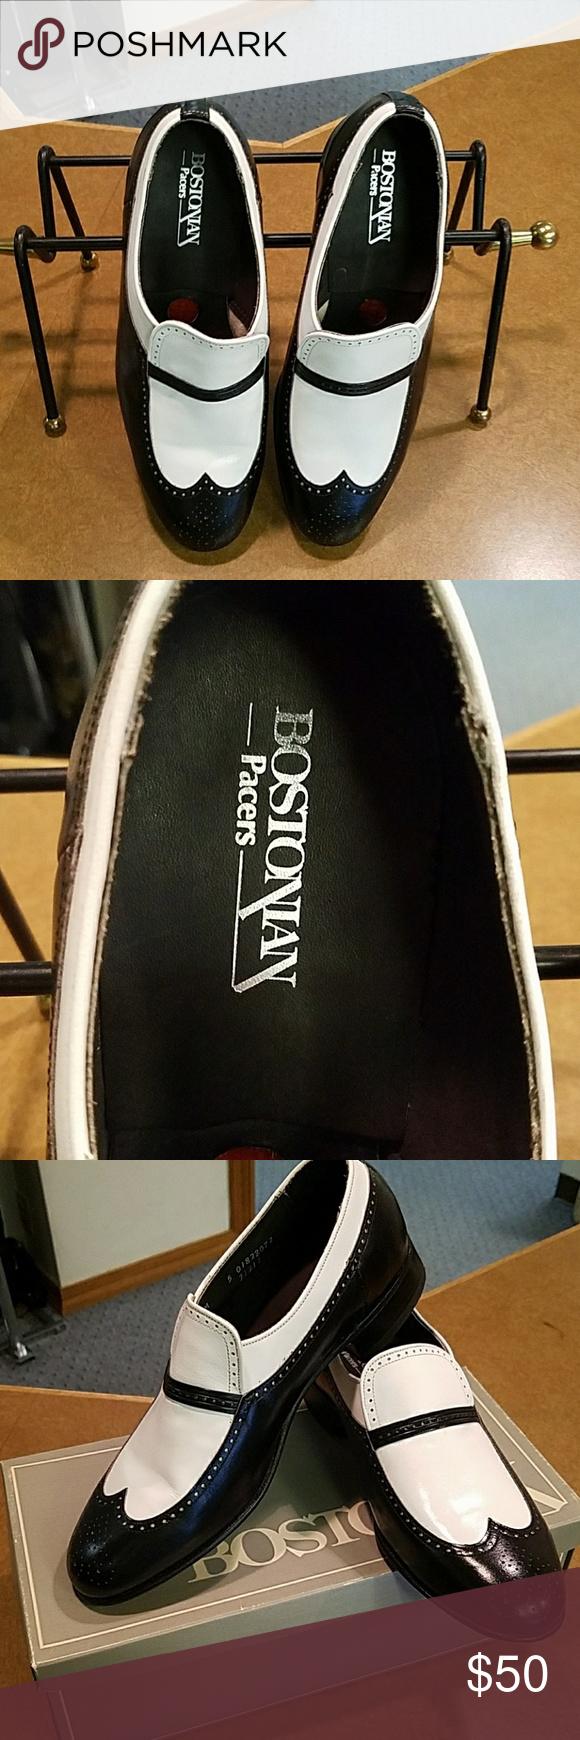 Men's Bostonian shoes Men's gorgeous Bostonian black and white dress shoe size 10 M Bostonian Shoes